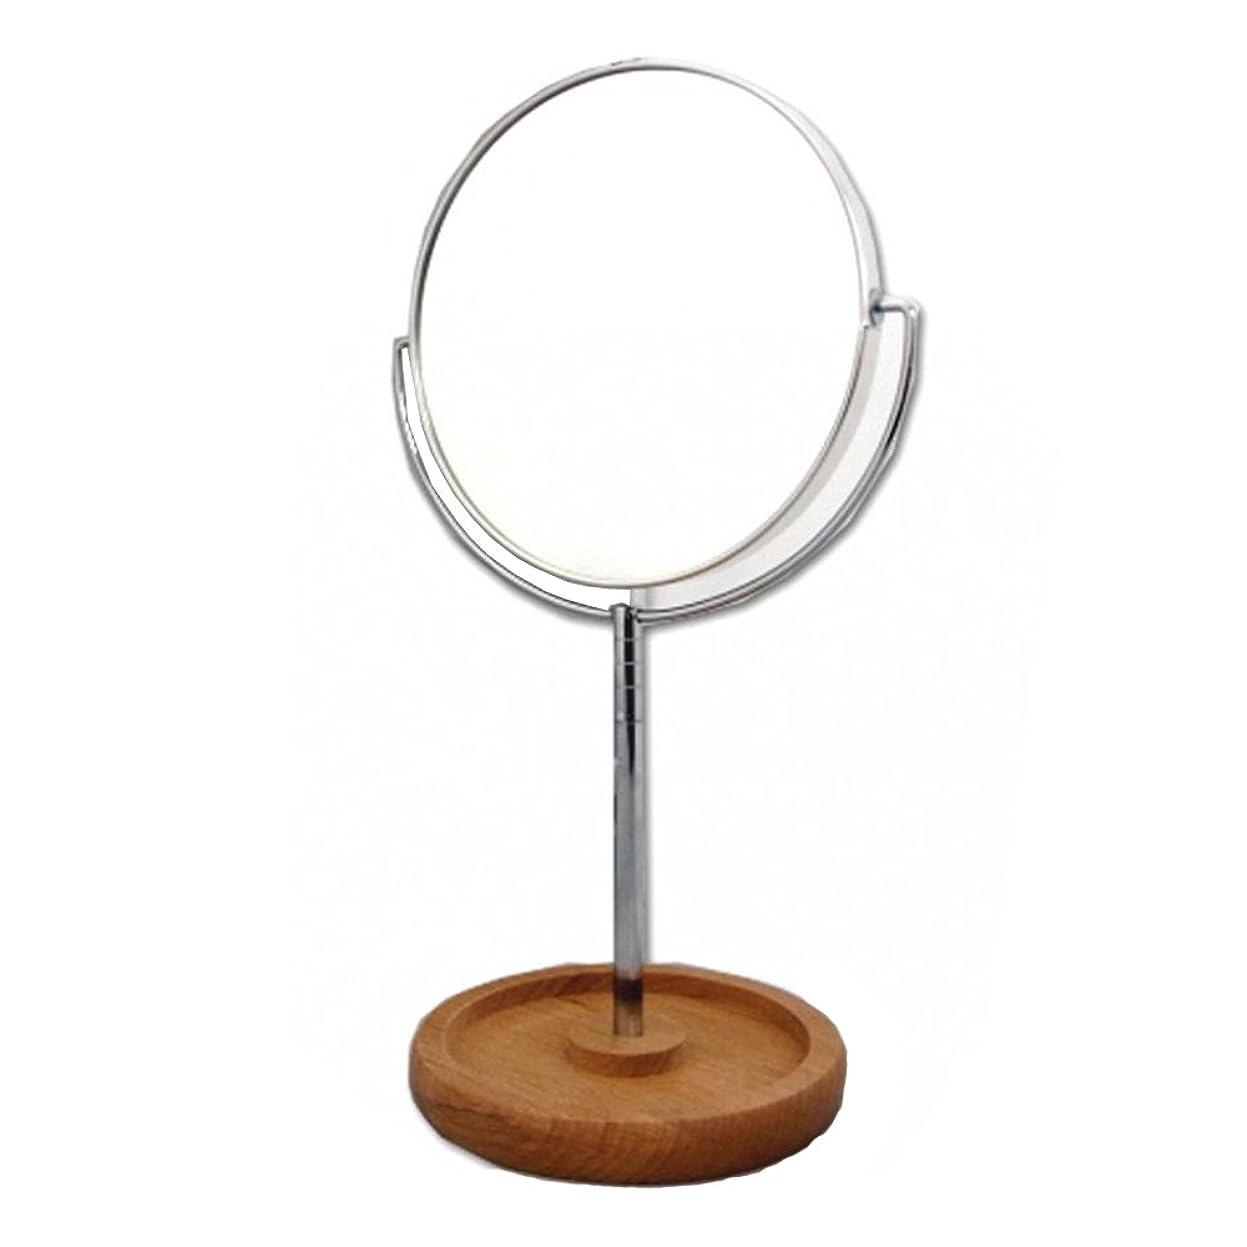 十一若者生産的メリー ロングステム 天然木製トレイ 片面約2倍 拡大鏡付両面ミラー 8860